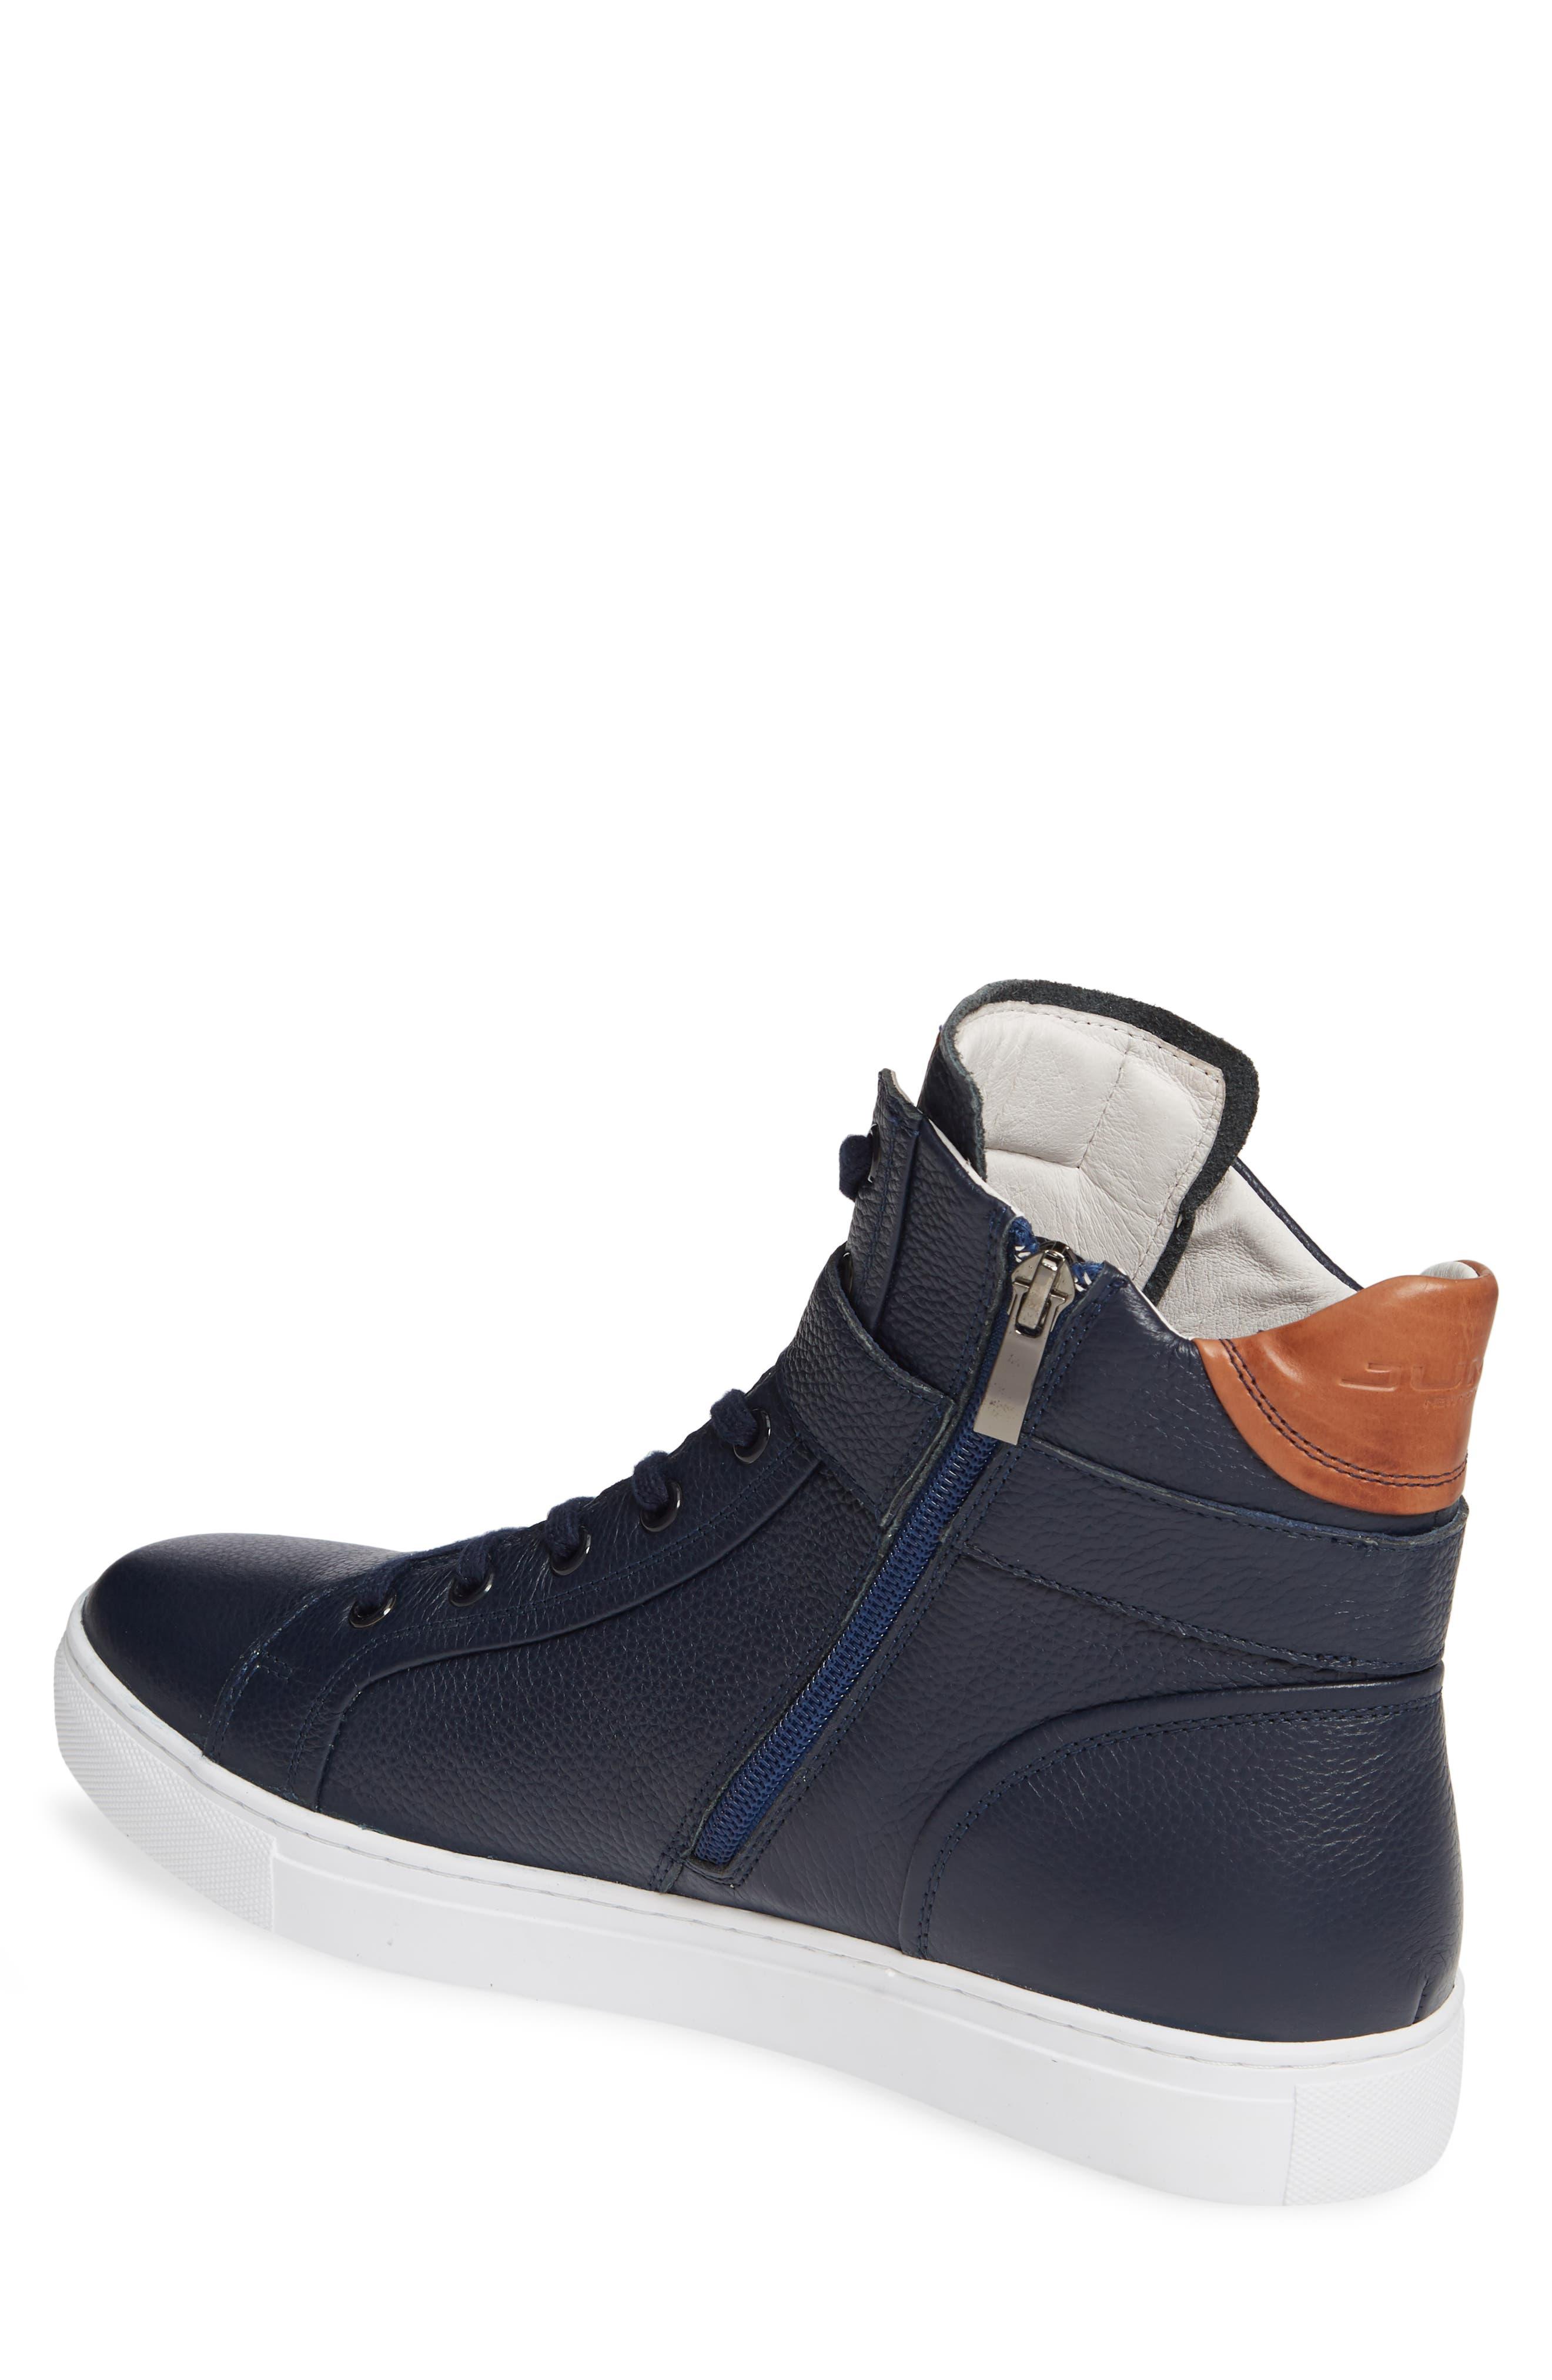 JUMP, Bloke Sneaker, Alternate thumbnail 2, color, NAVY LEATHER